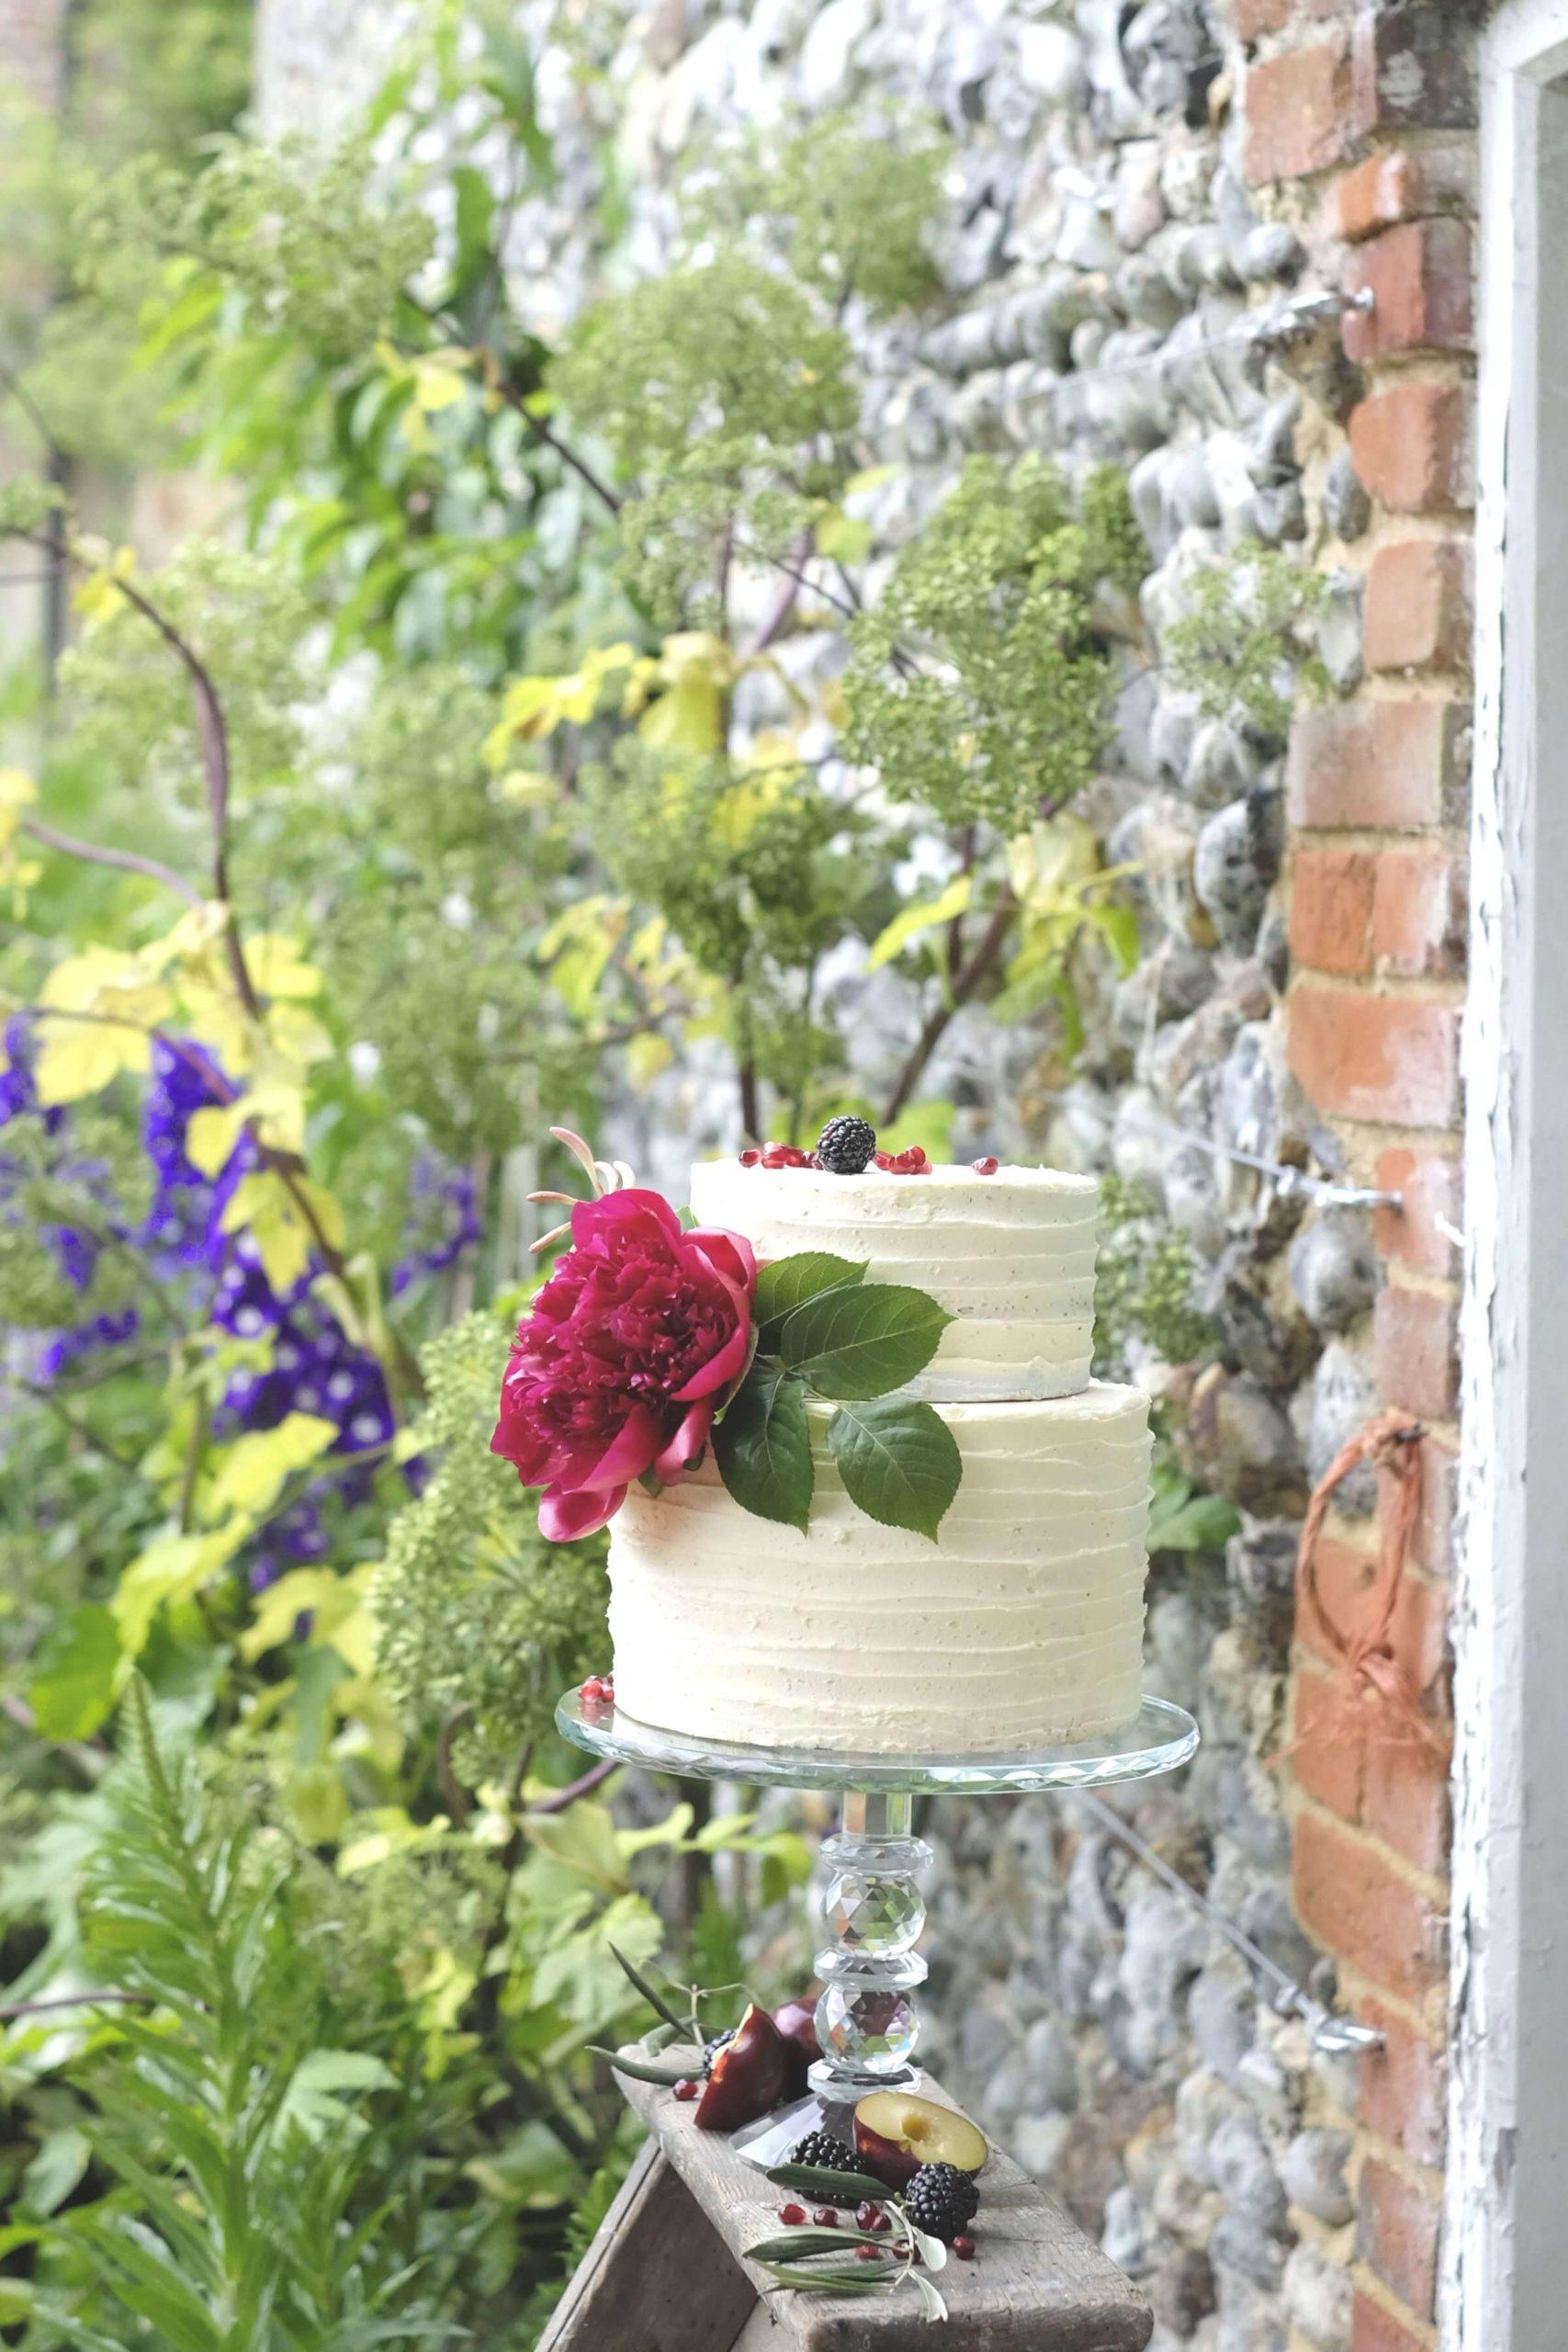 Rose, Claret & Blackberries 50